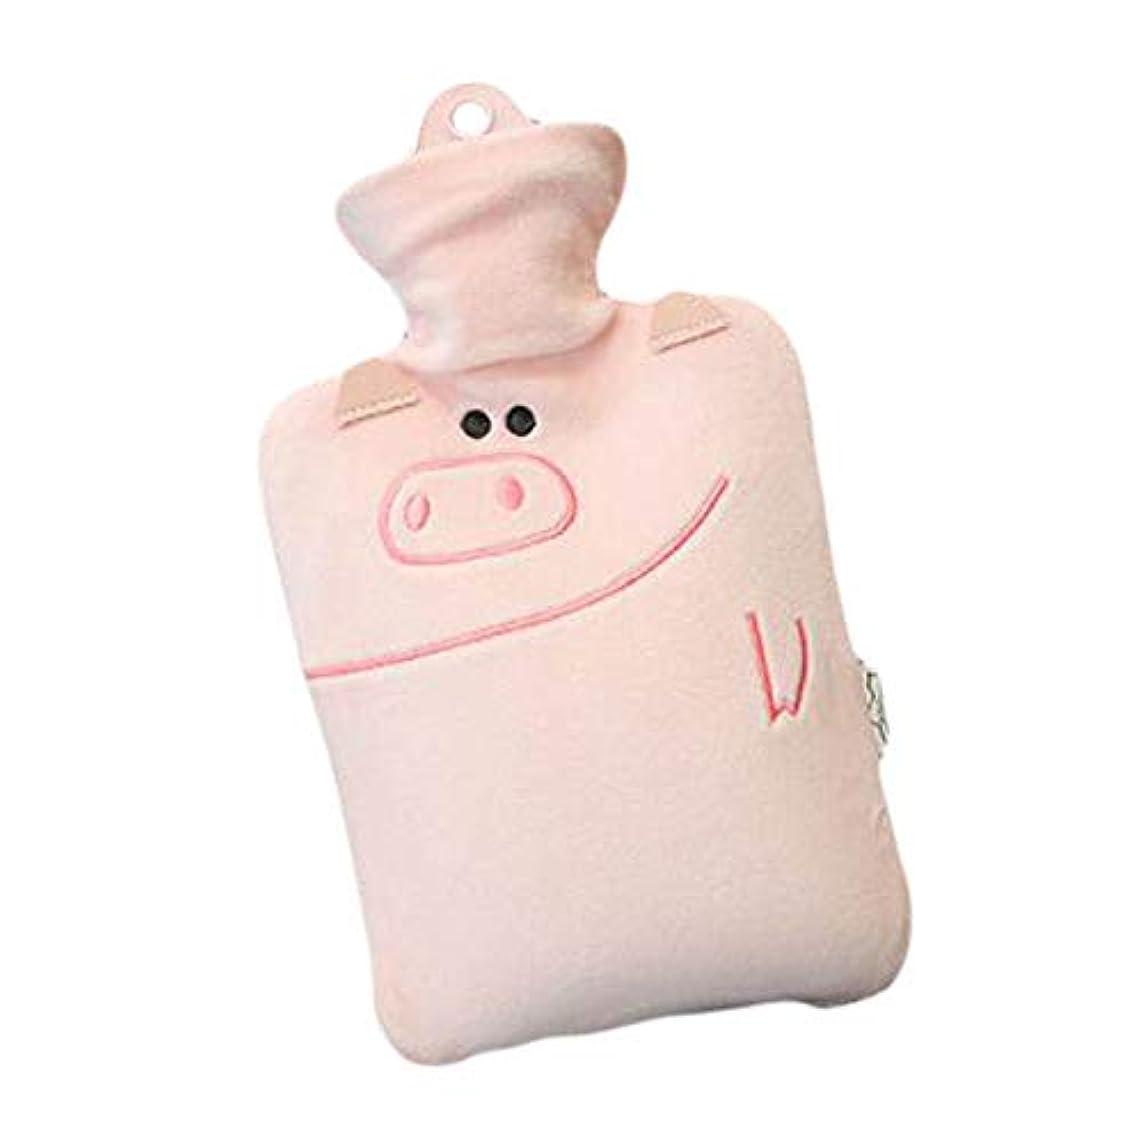 不公平ふりをするスクリュー愛らしいピンクの豚のパターン400 MLホットウォーターボトル